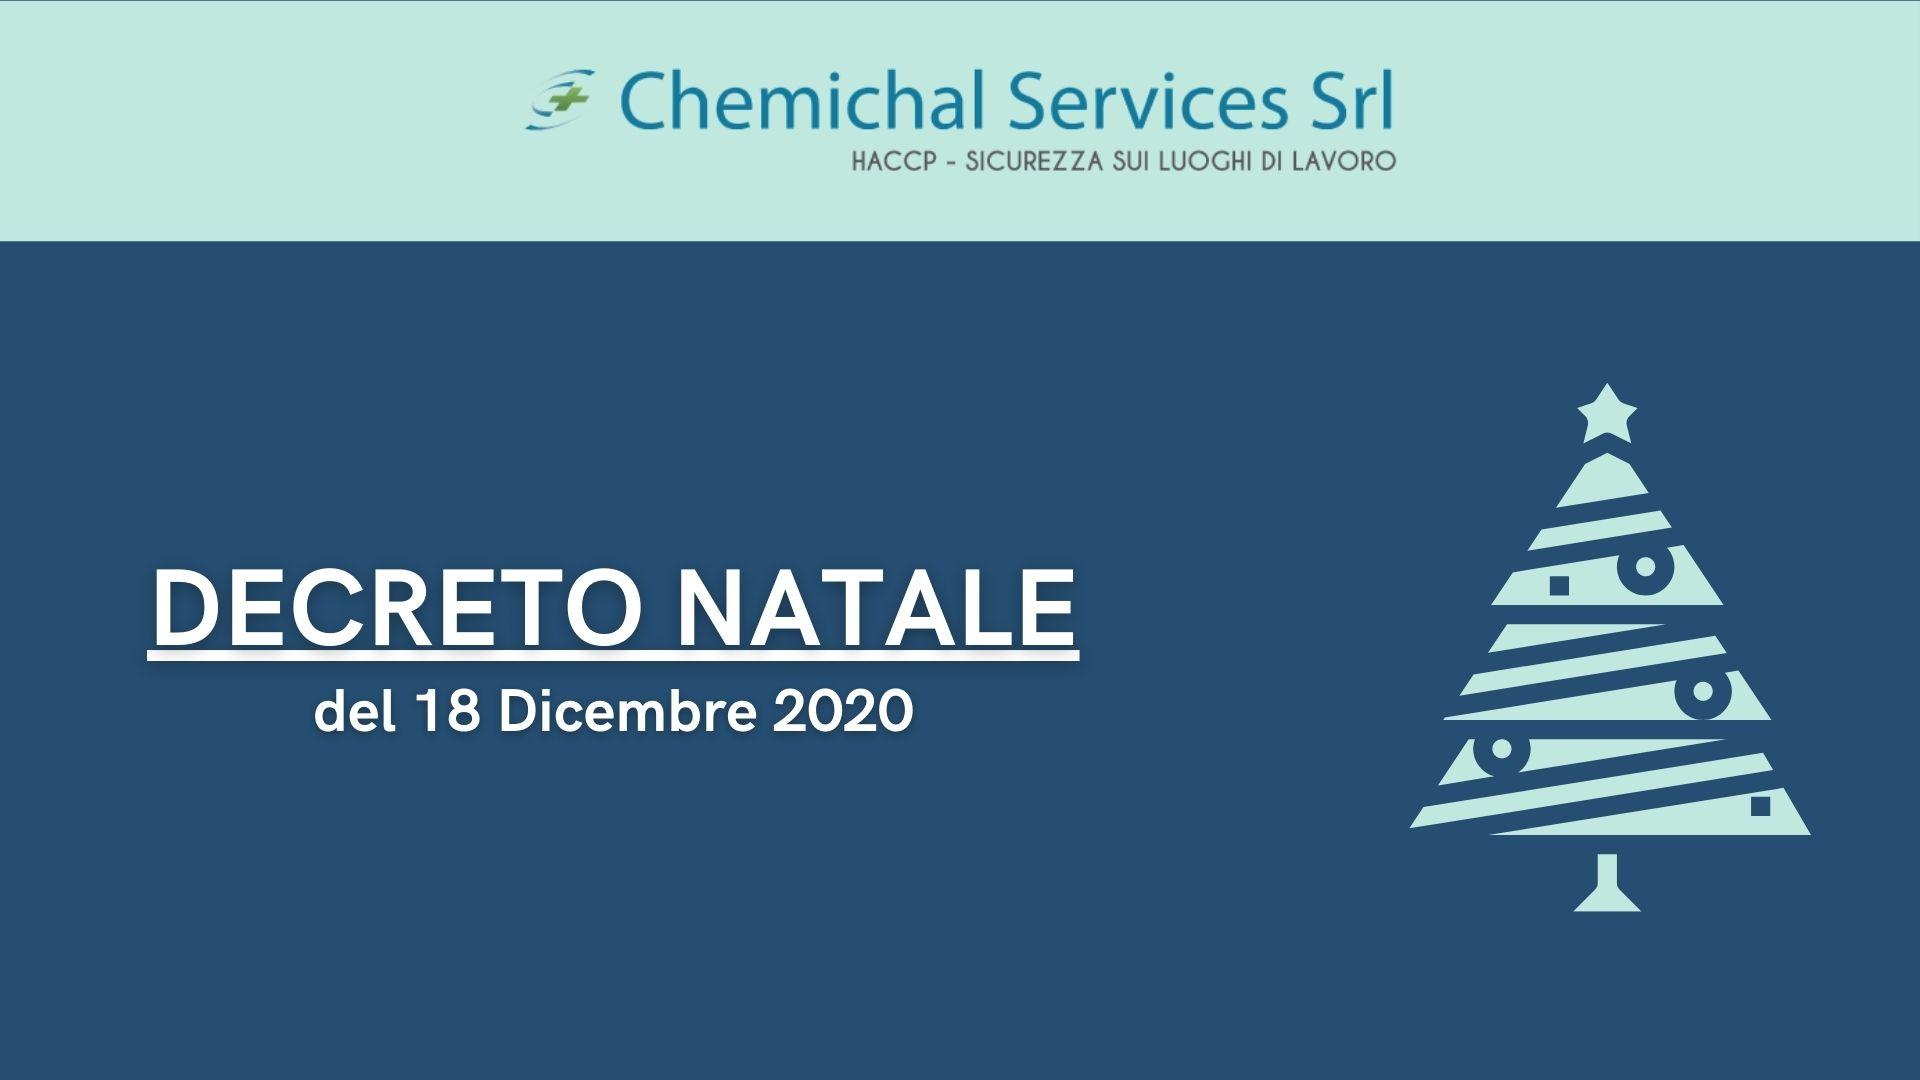 You are currently viewing EMERGENZA COVID-19 | Decreto Natale del 18 Dicembre 2020